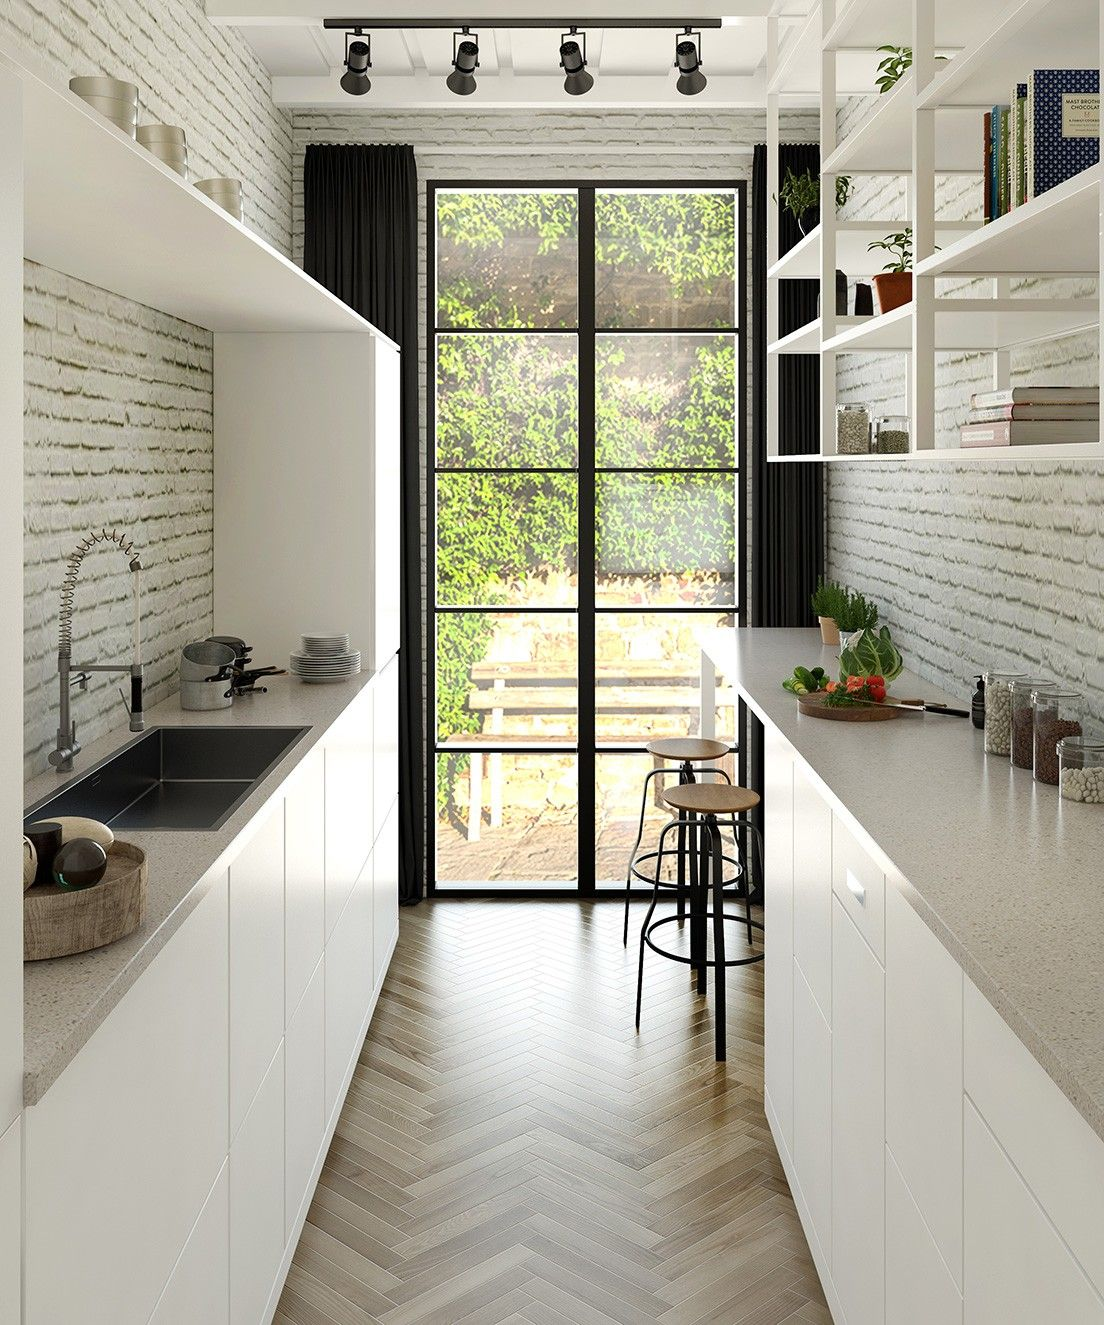 Laminex ghostgum Kitchen trends, Home, Best